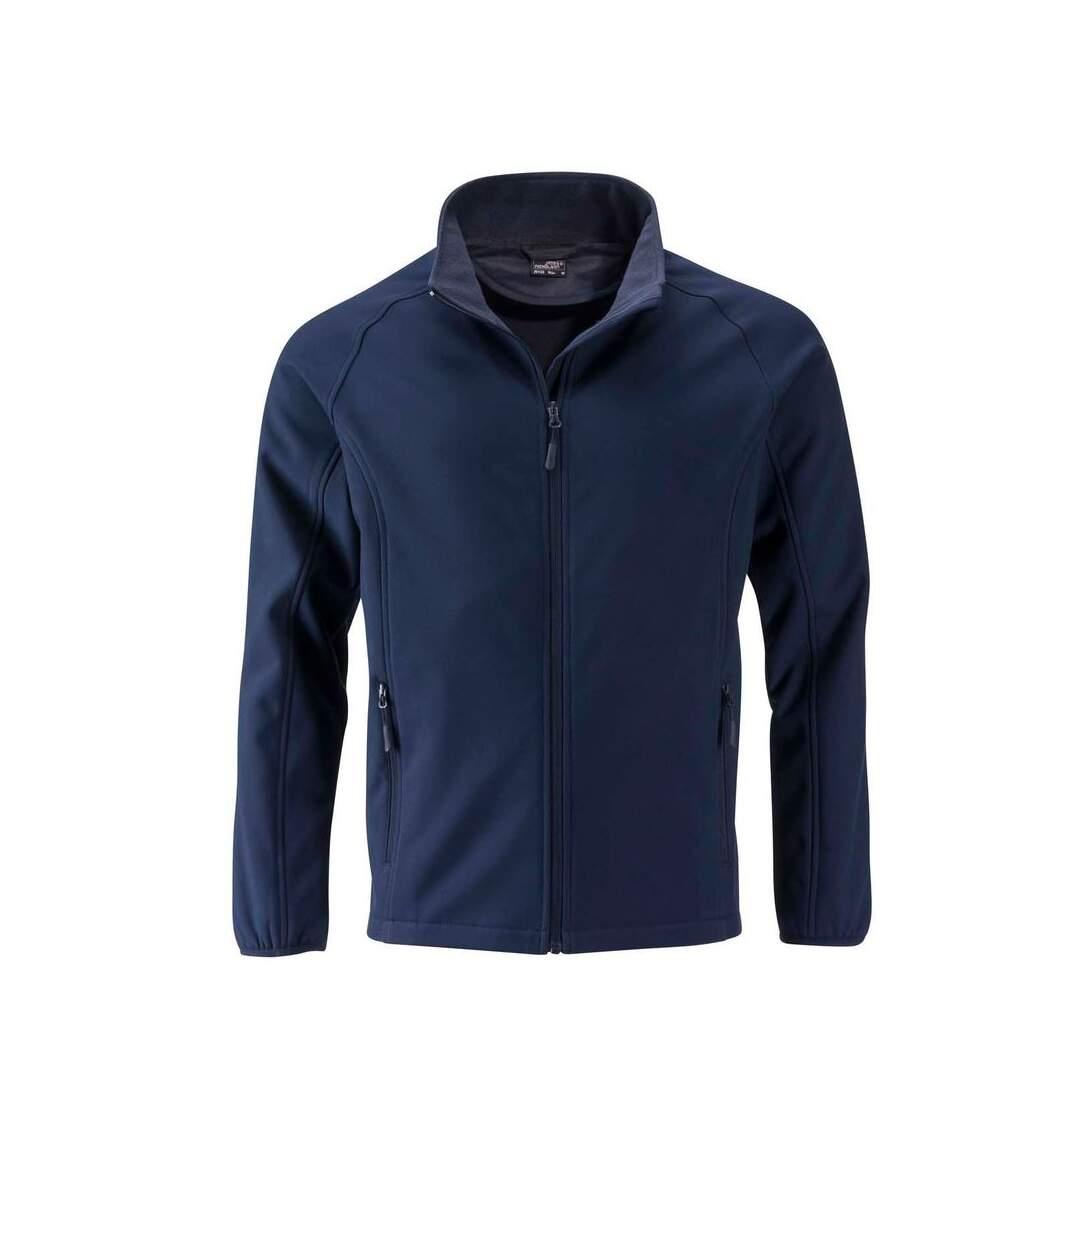 Veste softshell coupe-vent déperlante homme JN1130 - bleu marine